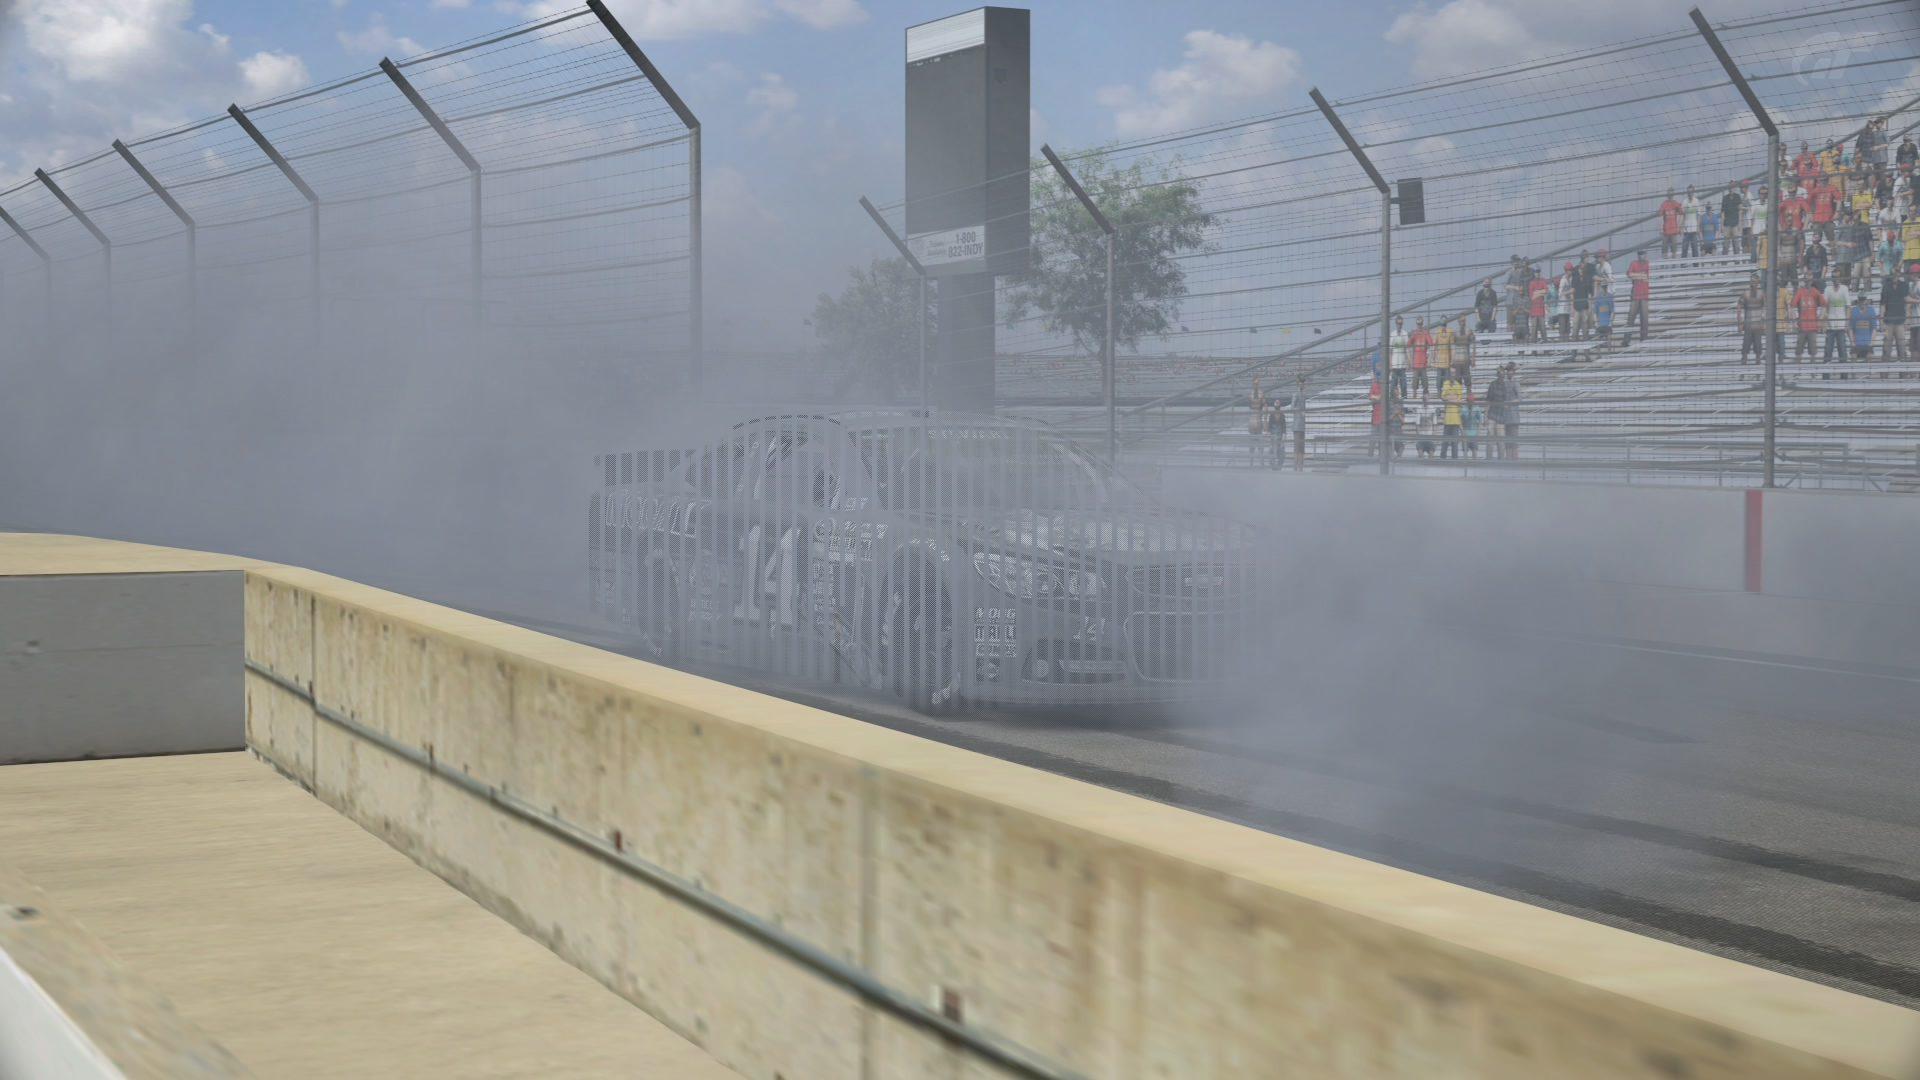 Indianapolis Motor Speedway_6.jpg